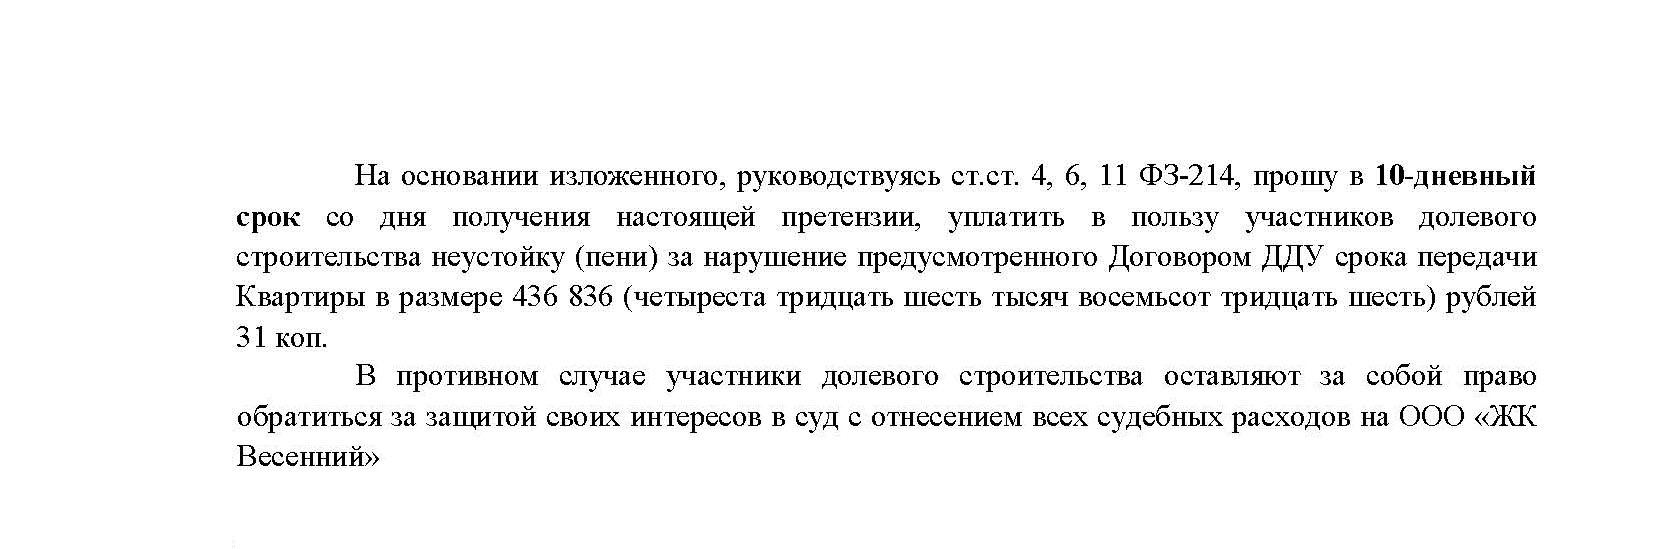 333 статья гк рф